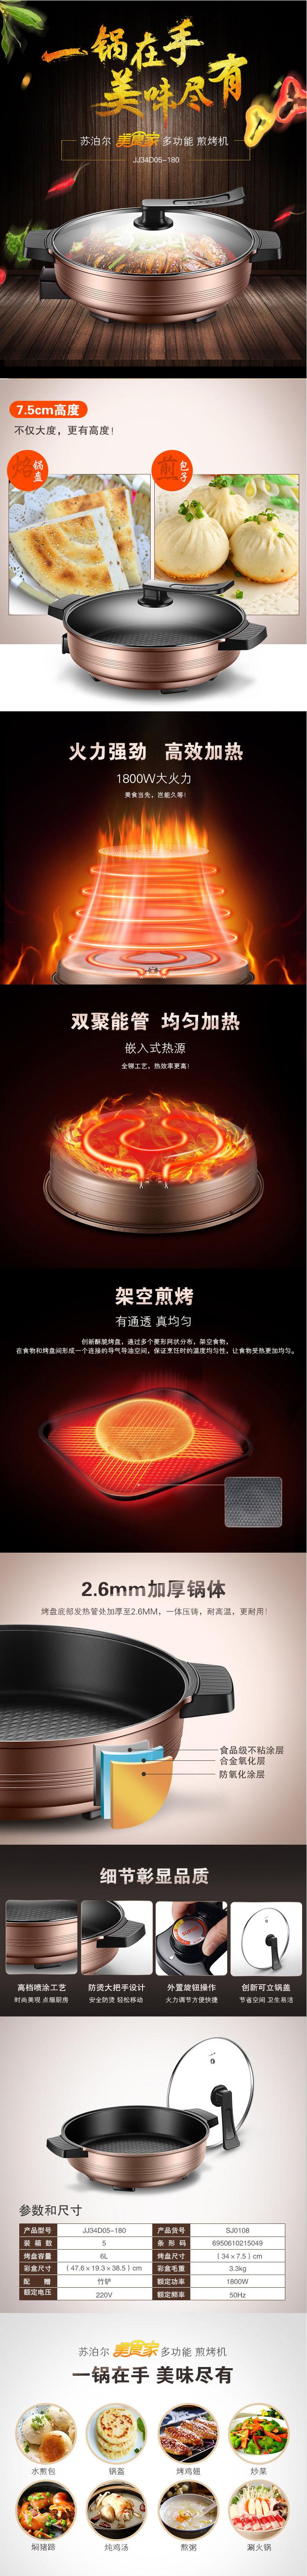 苏泊尔美食家多功能煎烤机